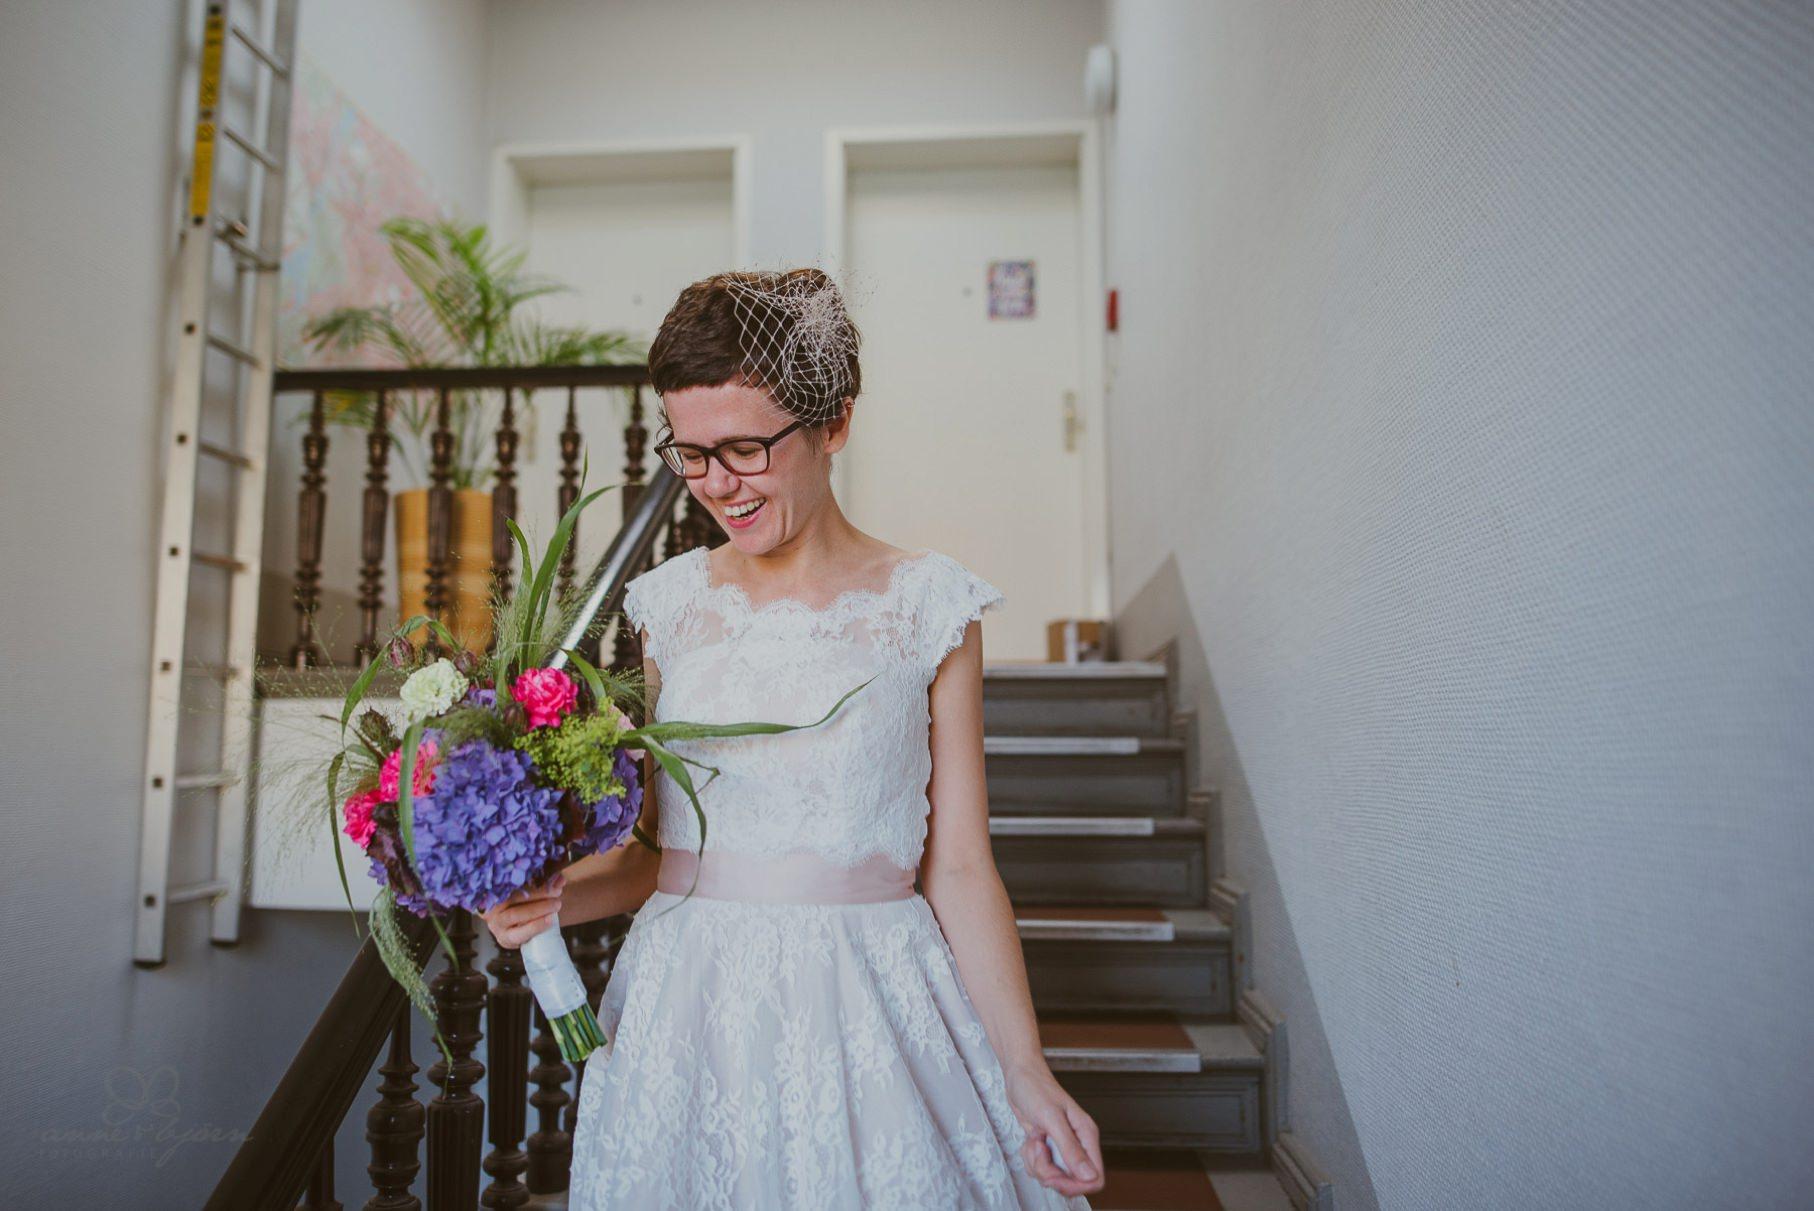 0018 sylwiaundchris d76 1416 - Bunte DIY Hochzeit in der Fabrik 23 - Berlin